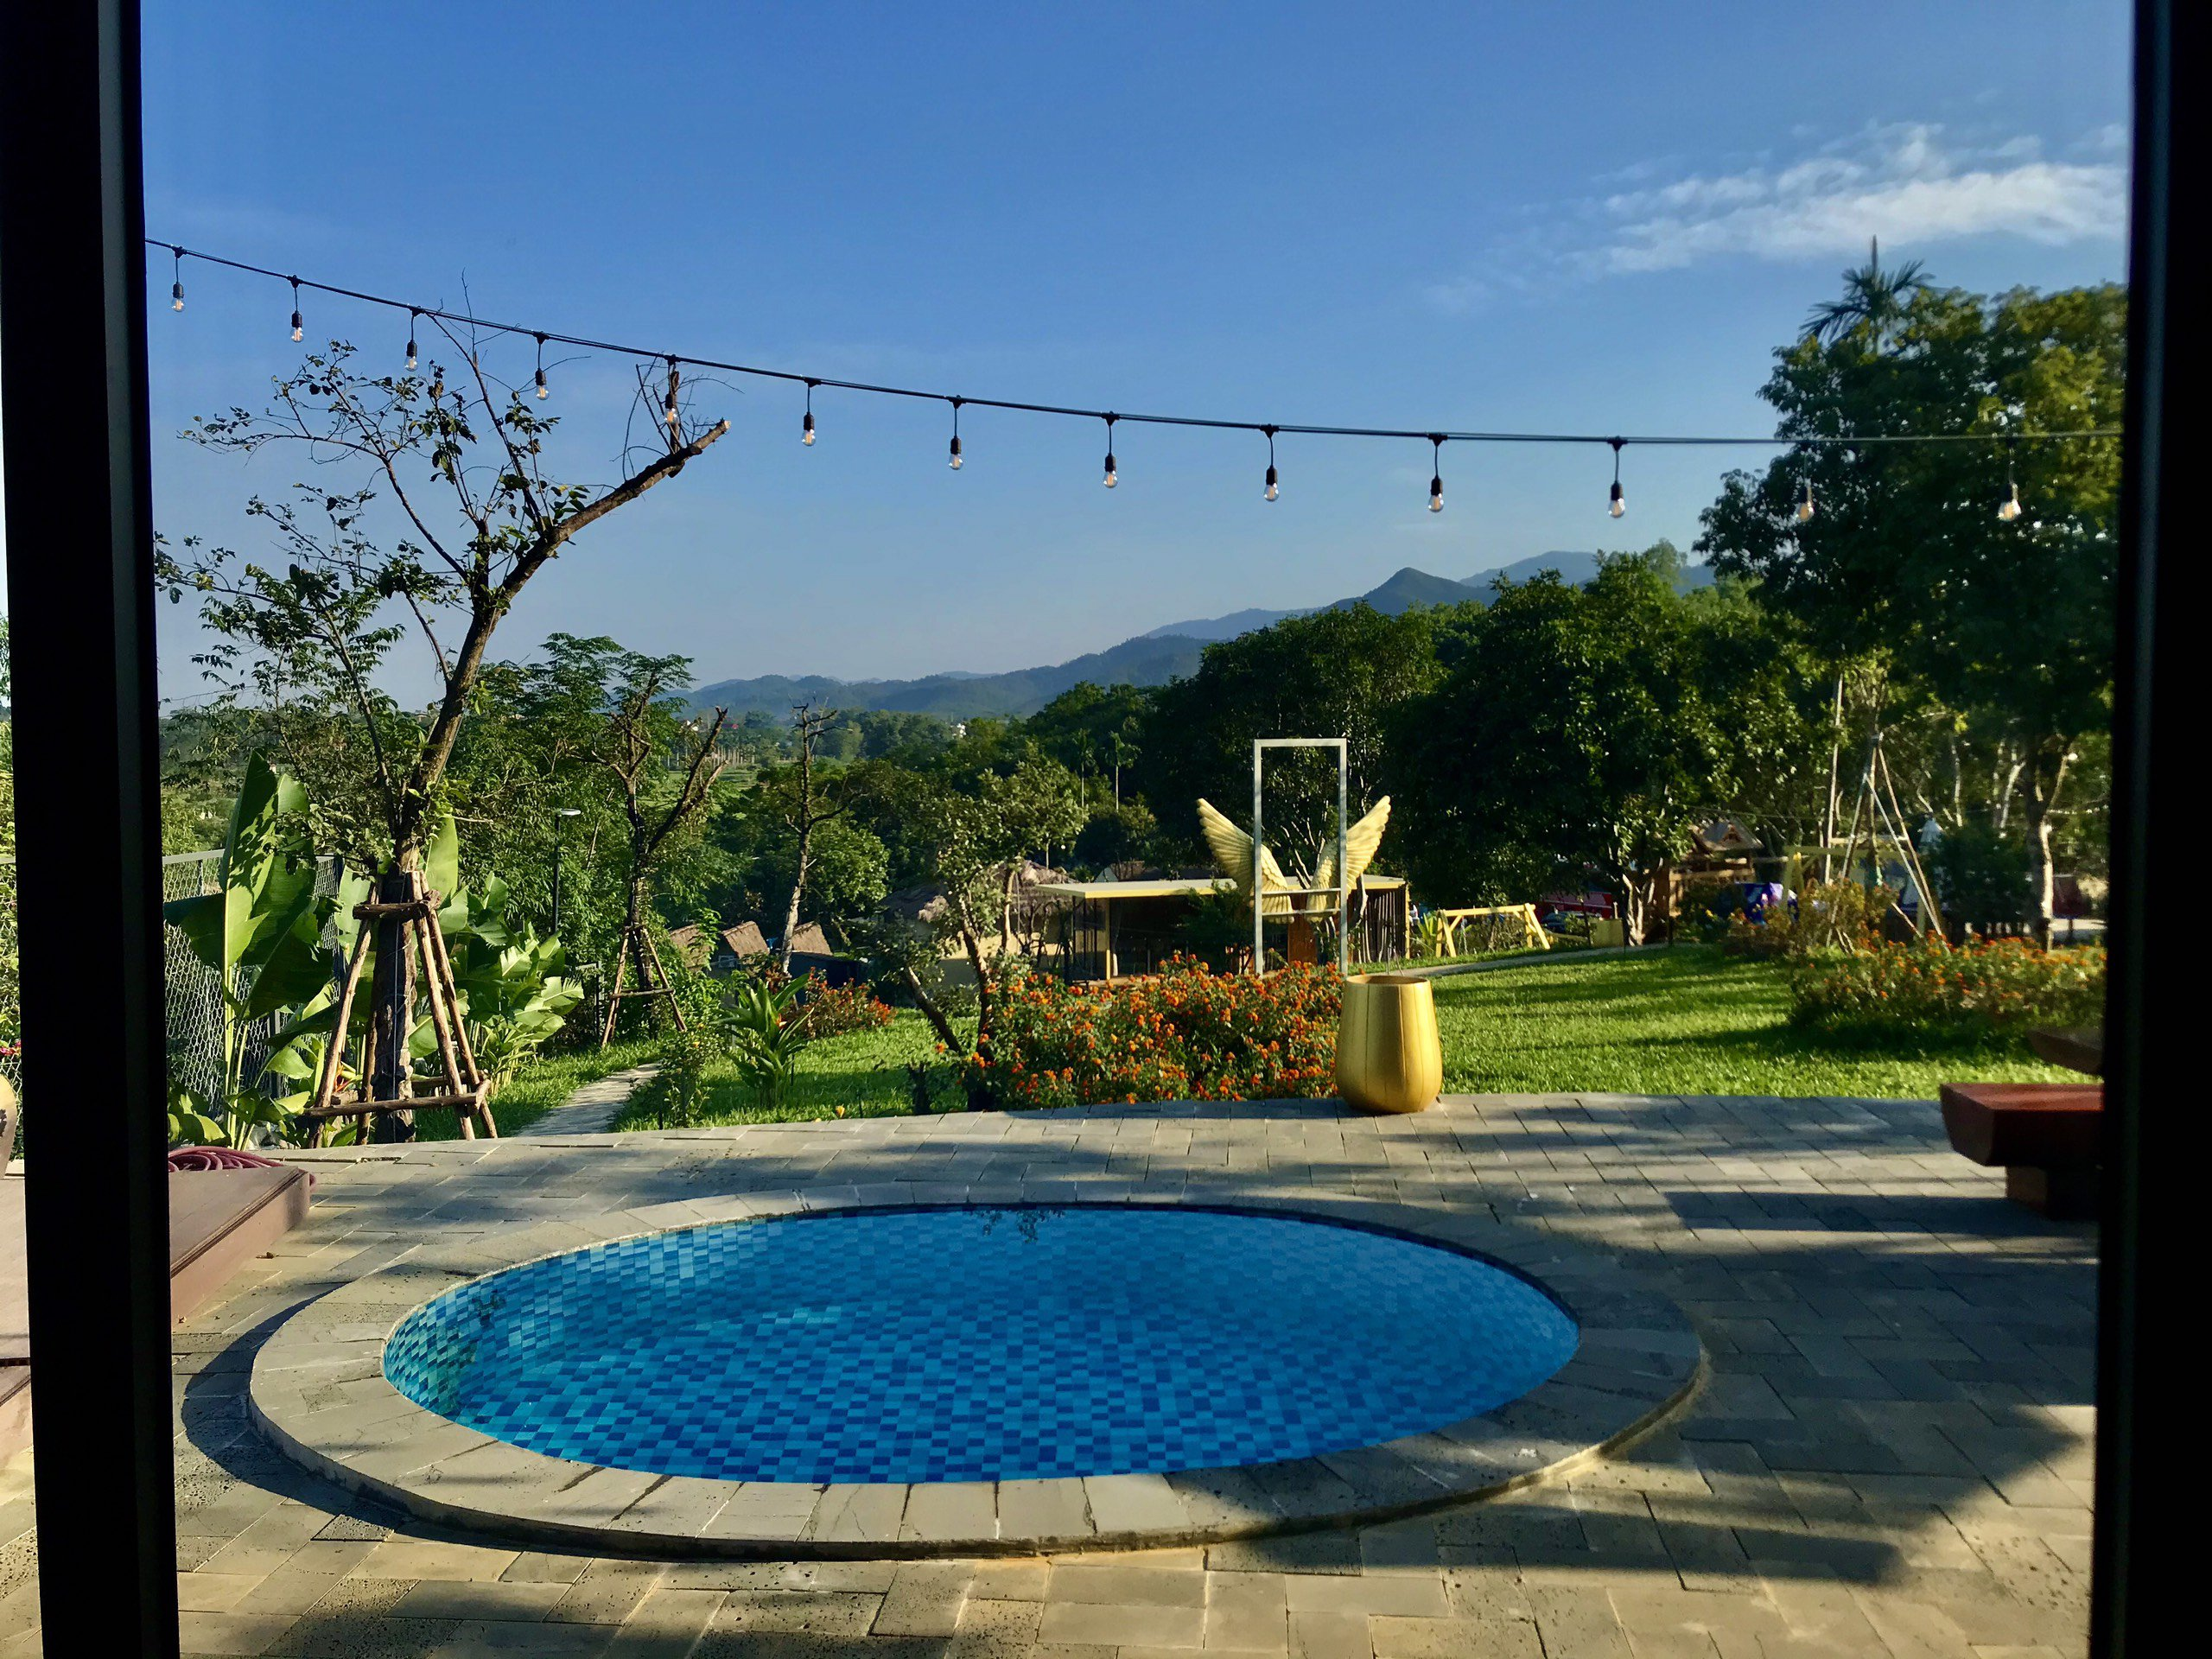 bungalow chill villa homestay ba vi ha noi